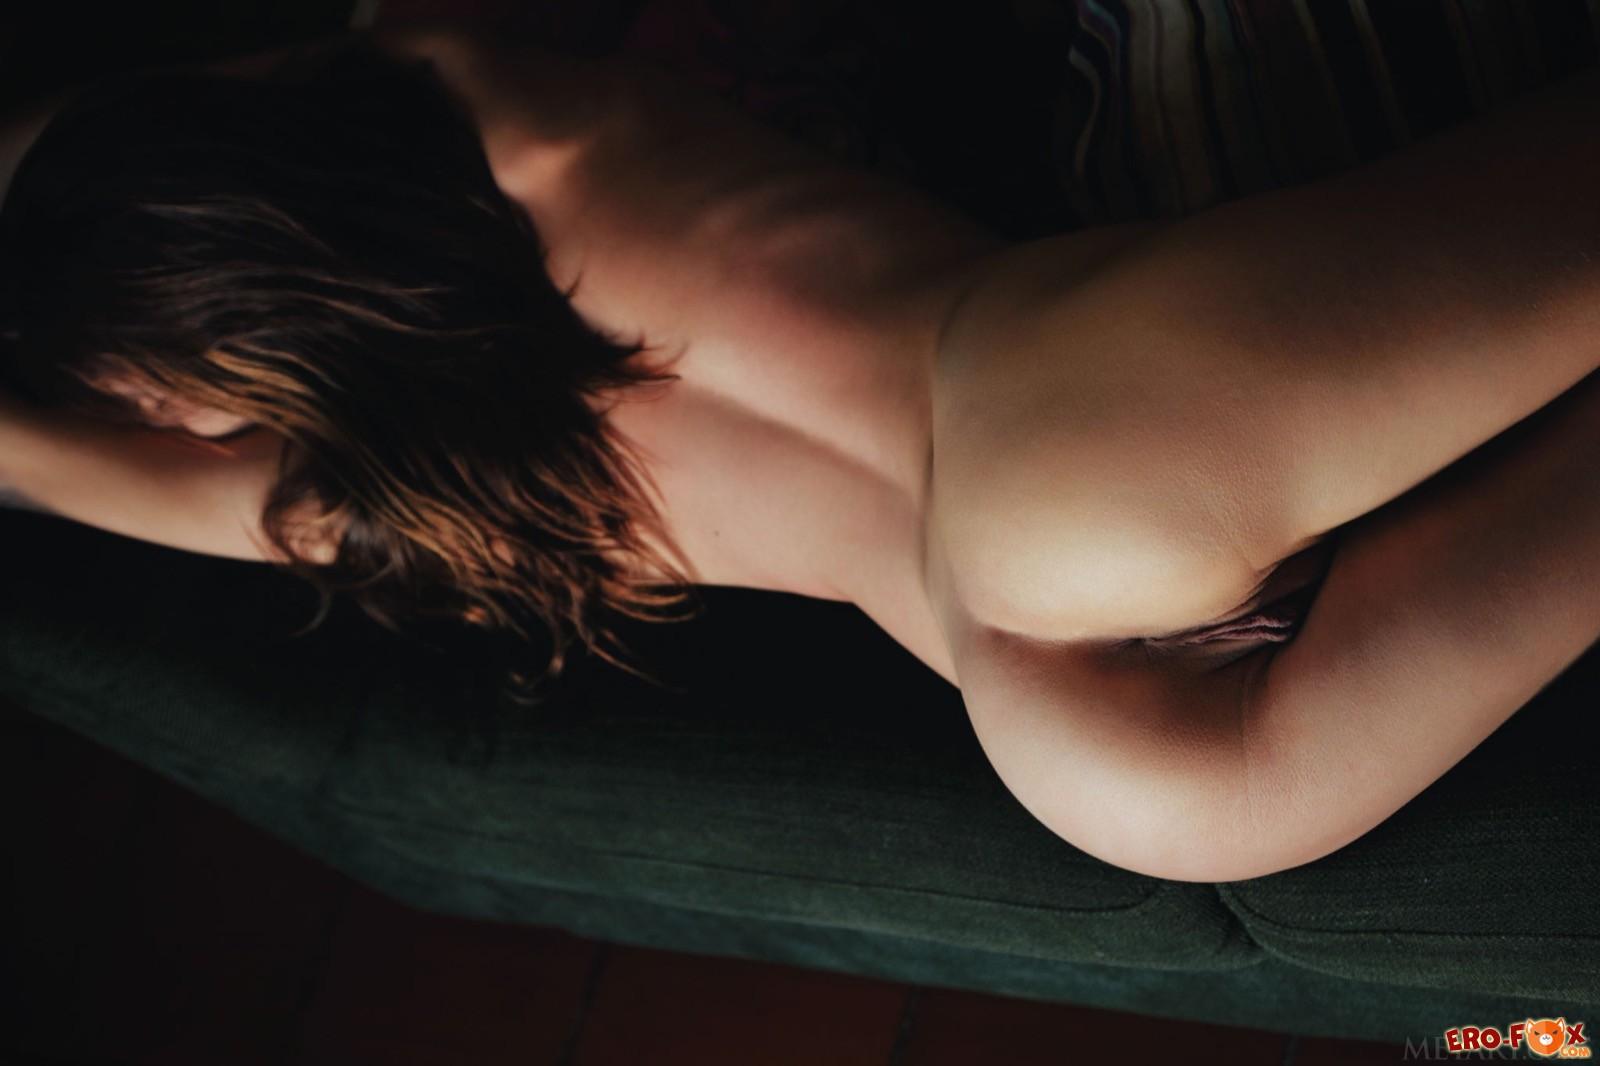 Милашка в коротком платье засветила упругую попку - фото